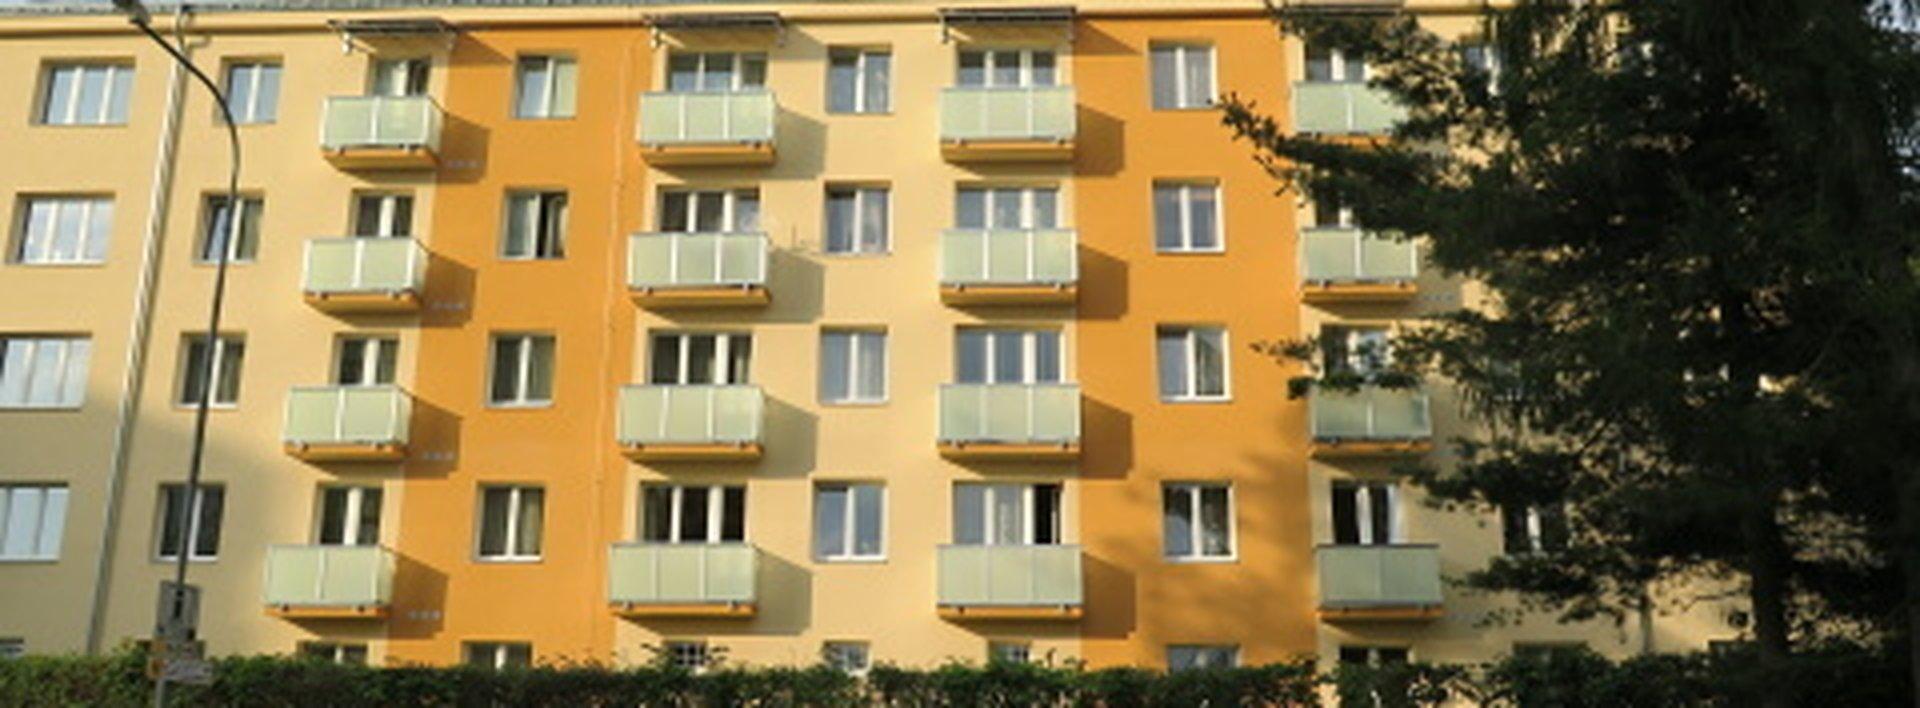 Byt 2+1 v cihlovém domě v centru Jablonce, Ev.č.: N46805